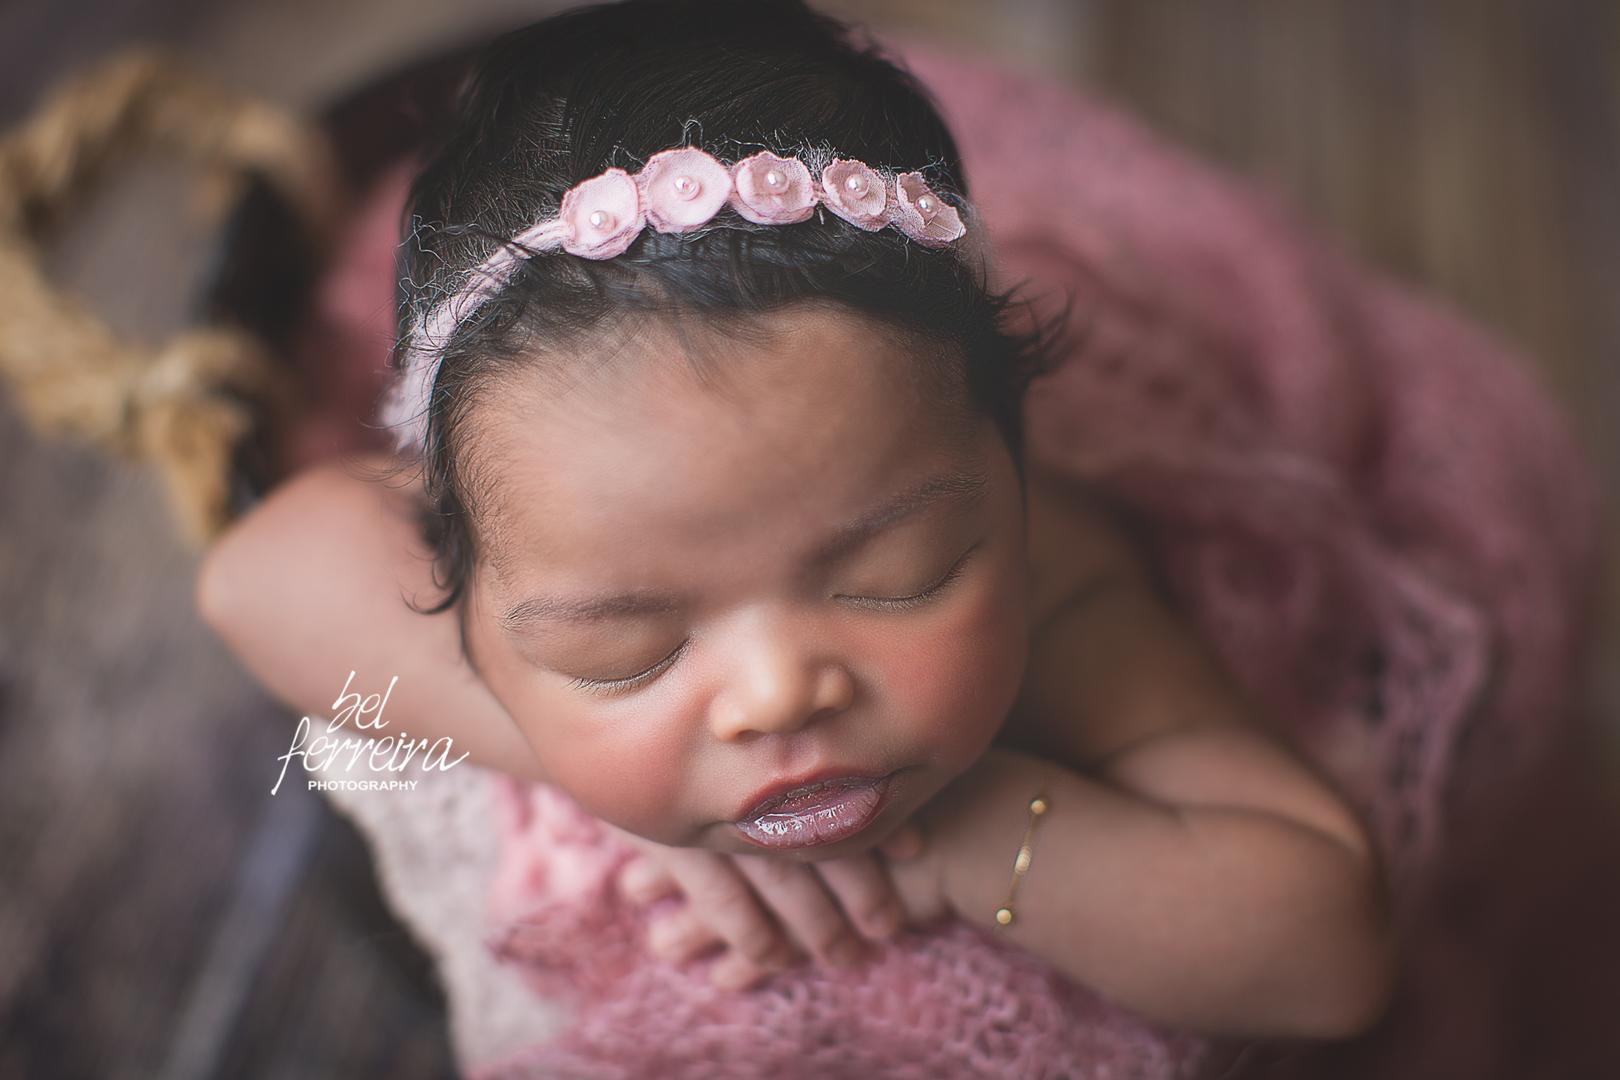 Imagem capa - Workshop de Newborn por Bel Ferreira Espanhol